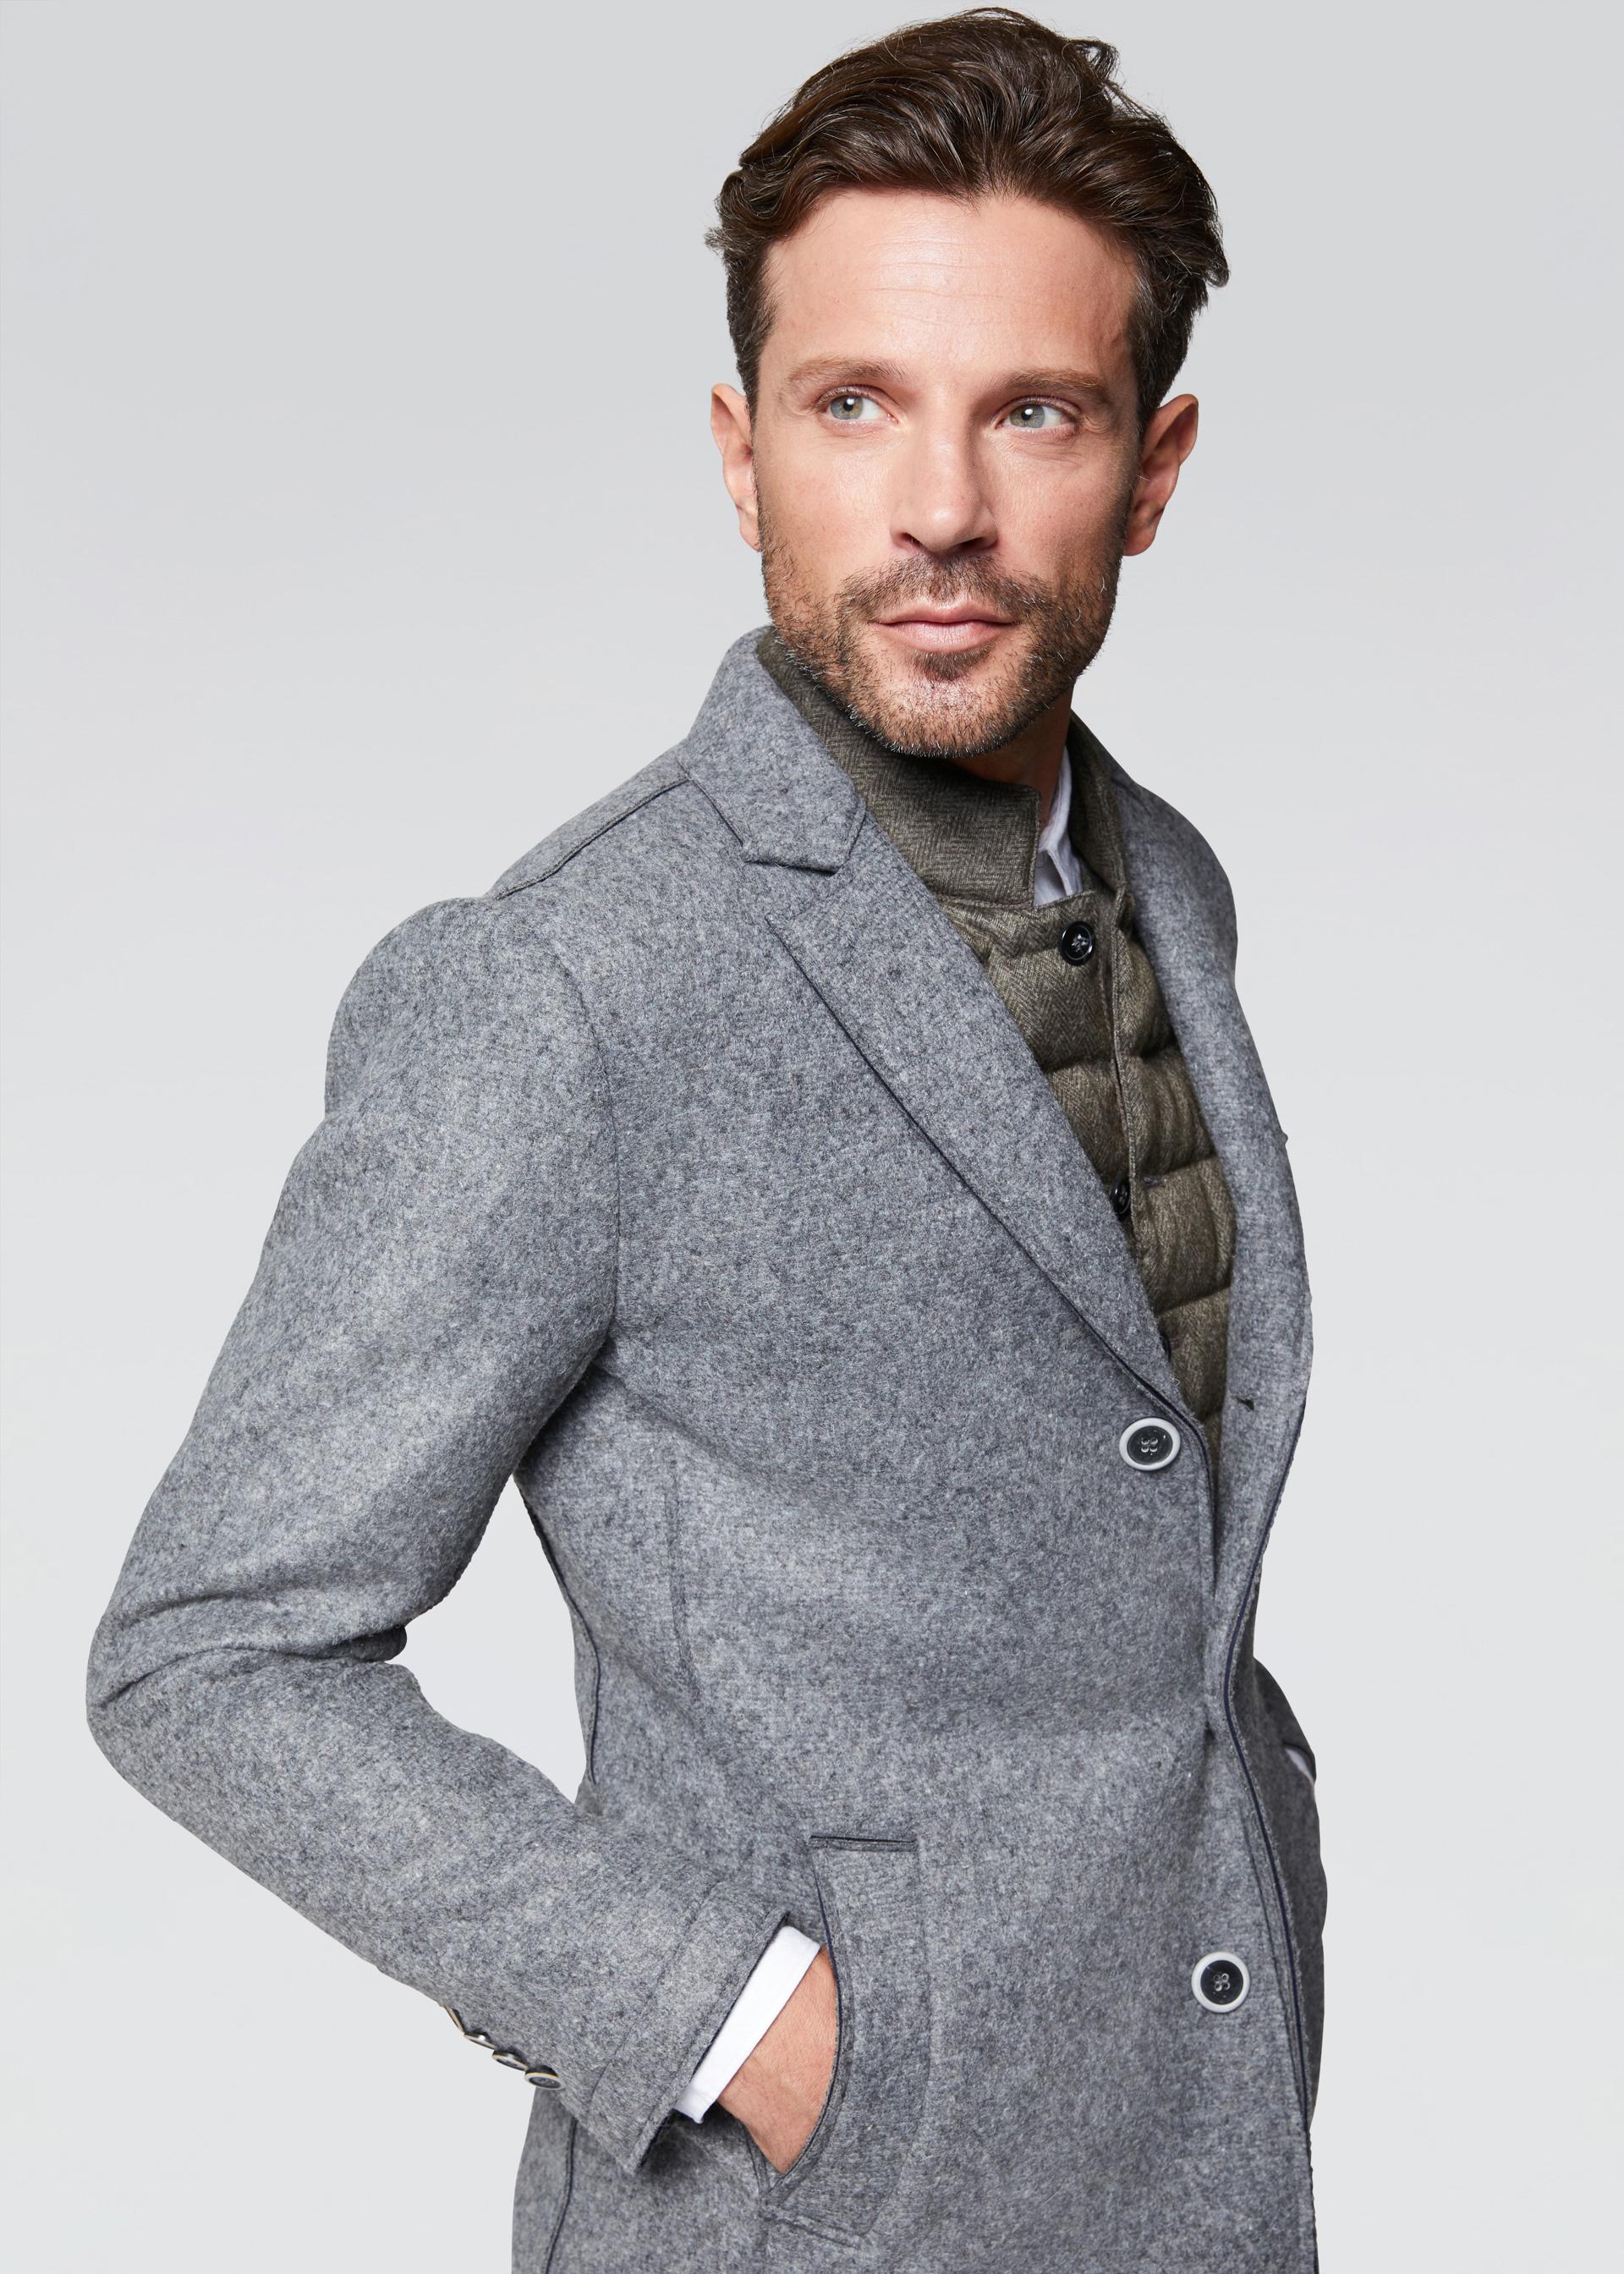 the latest 102a2 ef484 Abbigliamento Uomo Online: Collezione Autunno Inverno 2019 ...